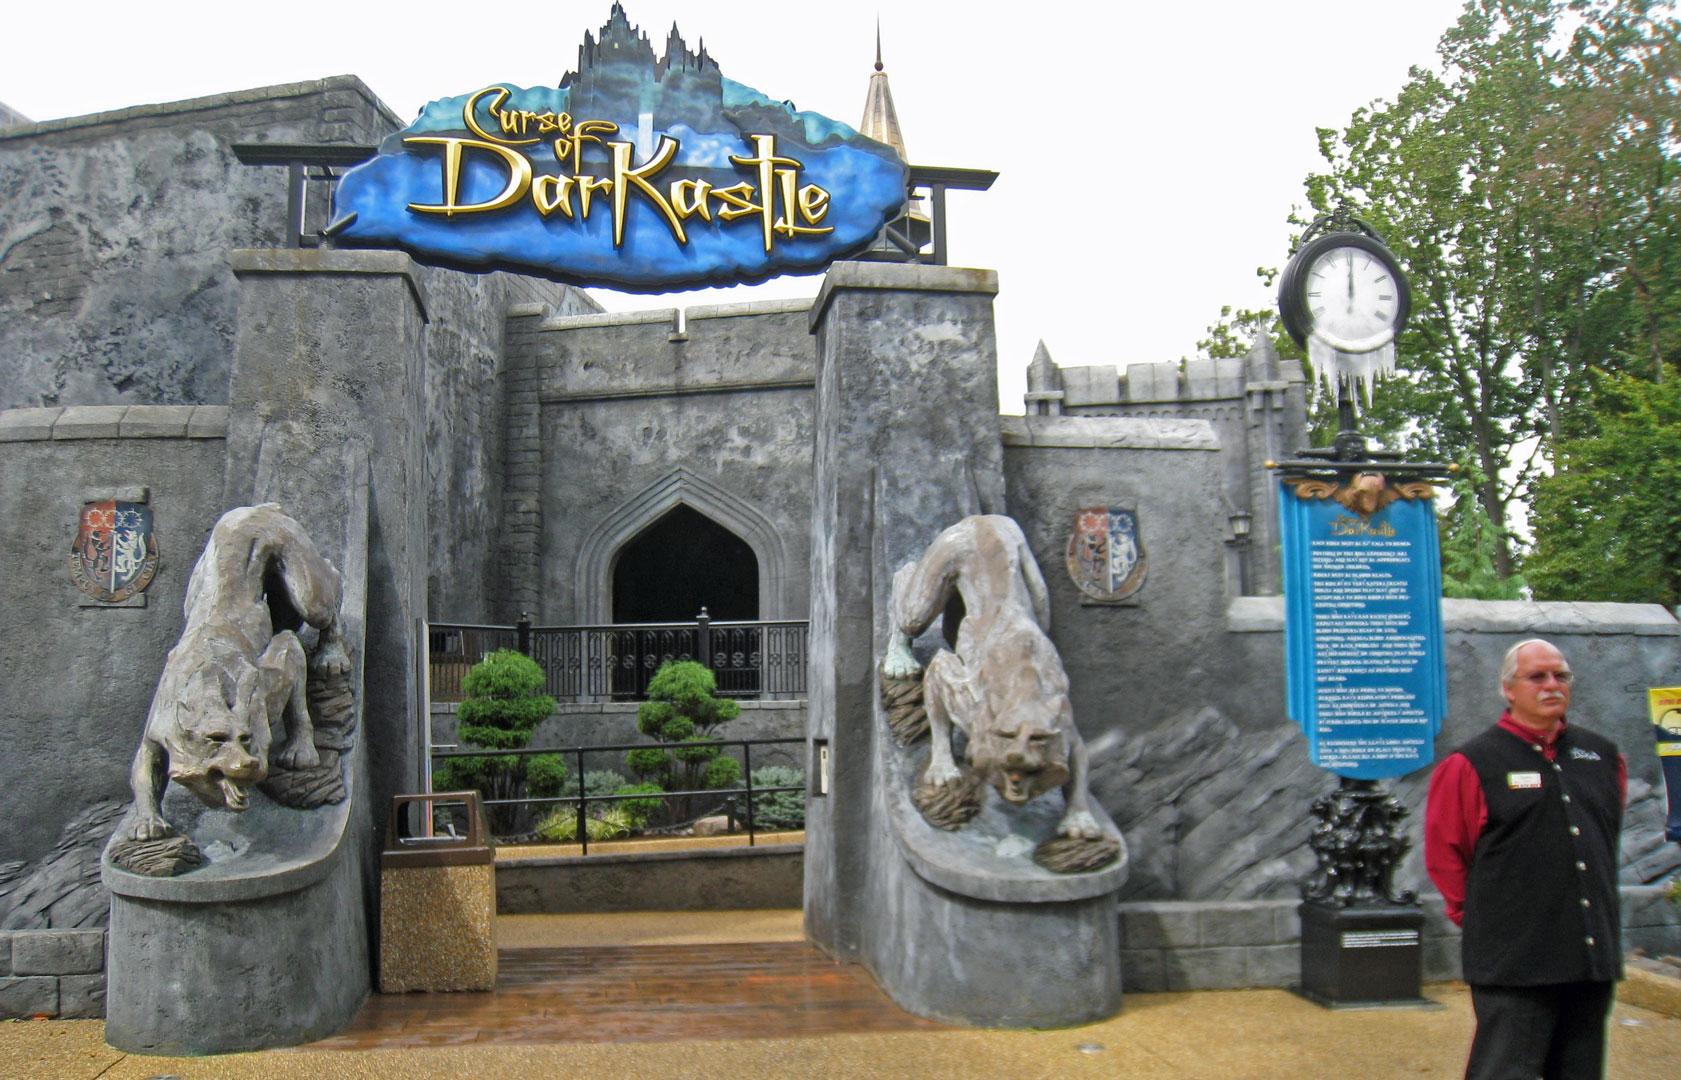 Busch gardens closes curse of darkastle coasterforce - Busch gardens williamsburg halloween ...